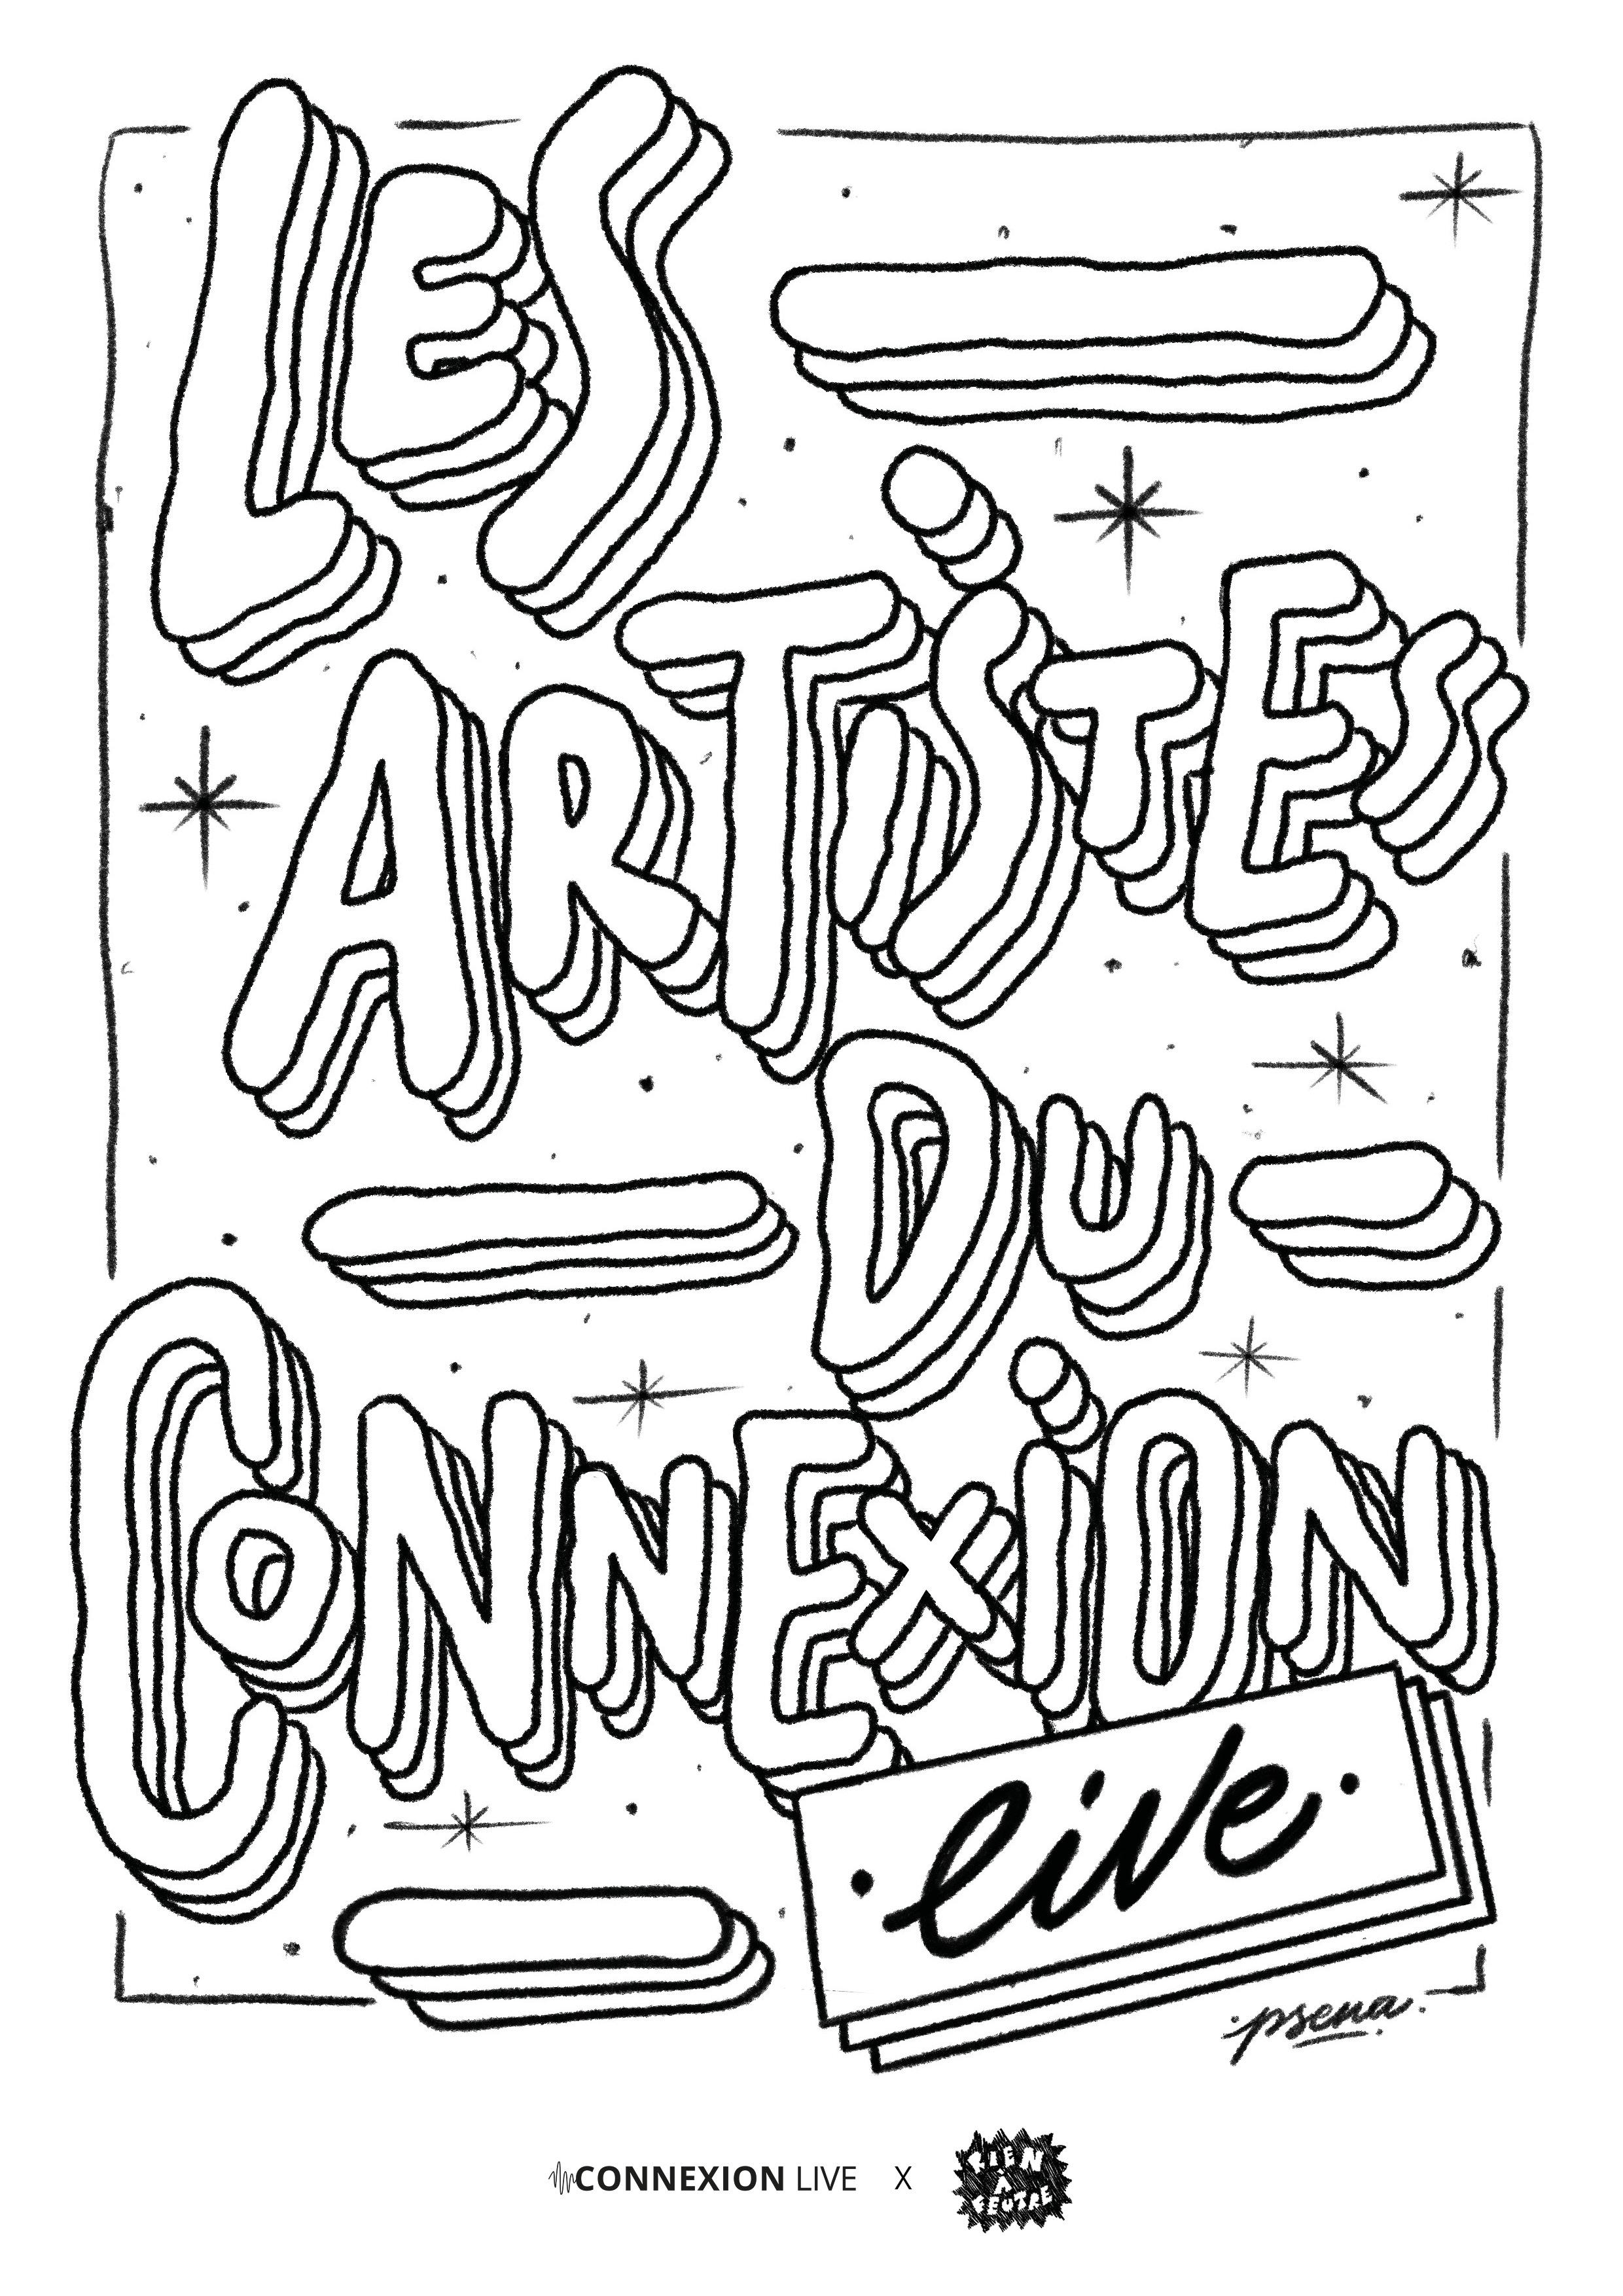 https://rienafeutre.com/wp-content/uploads/2020/04/Coloriages-_-Les-artistes-du-Connexion-Live-_-Rien-à-feutre.pdf